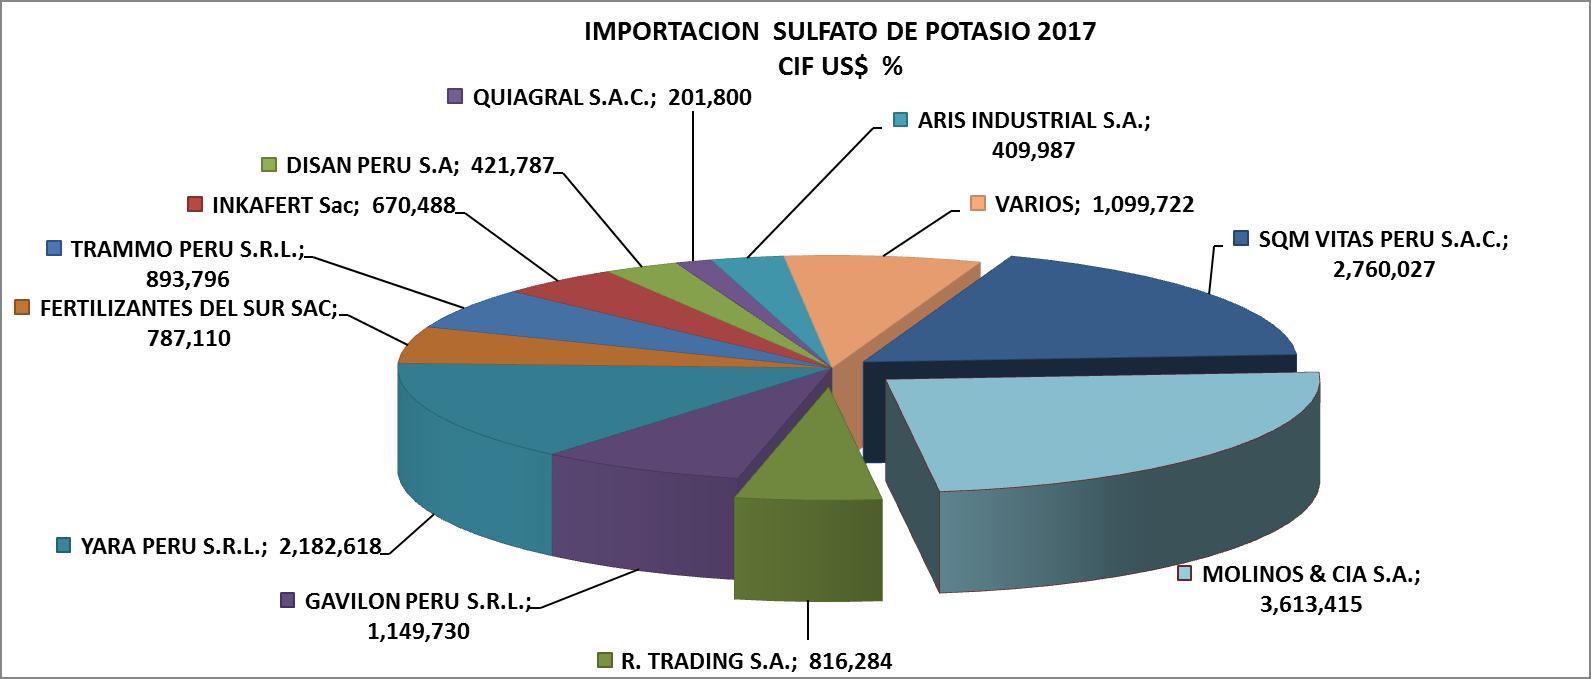 Sulfato de Potasio Perú Importación 2017 Junio